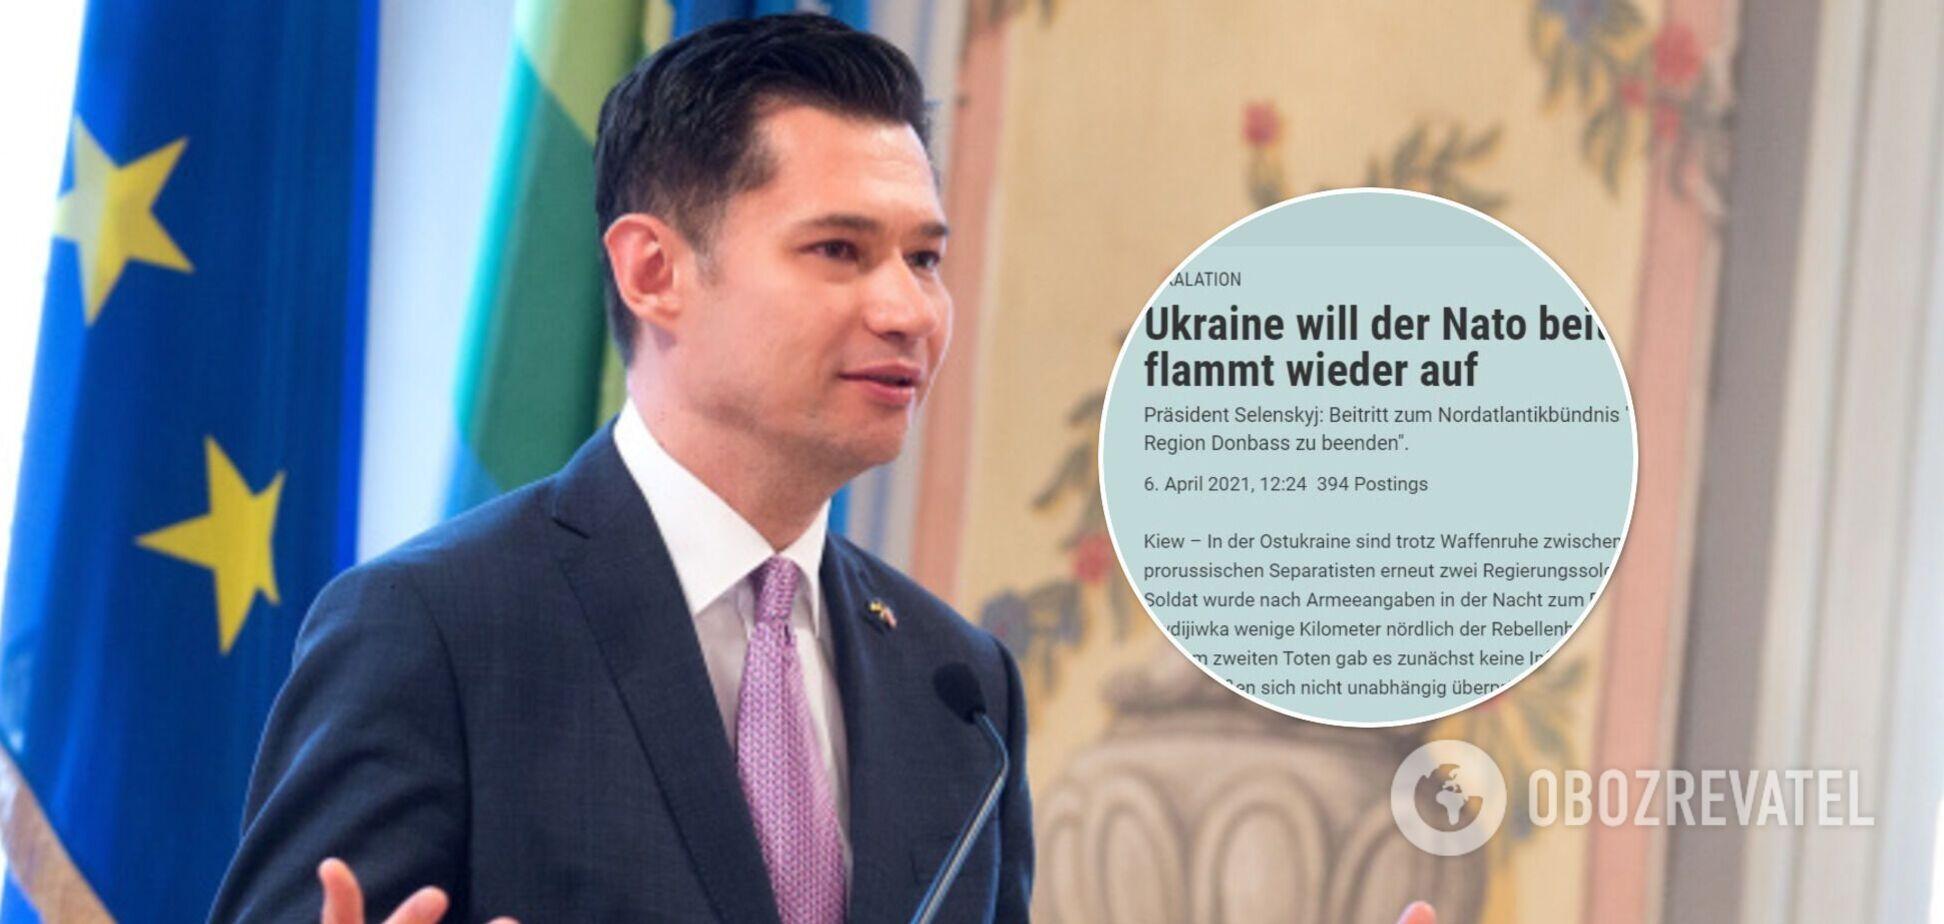 Посол Олександр Щерба відреагував на публікацію Der Standard